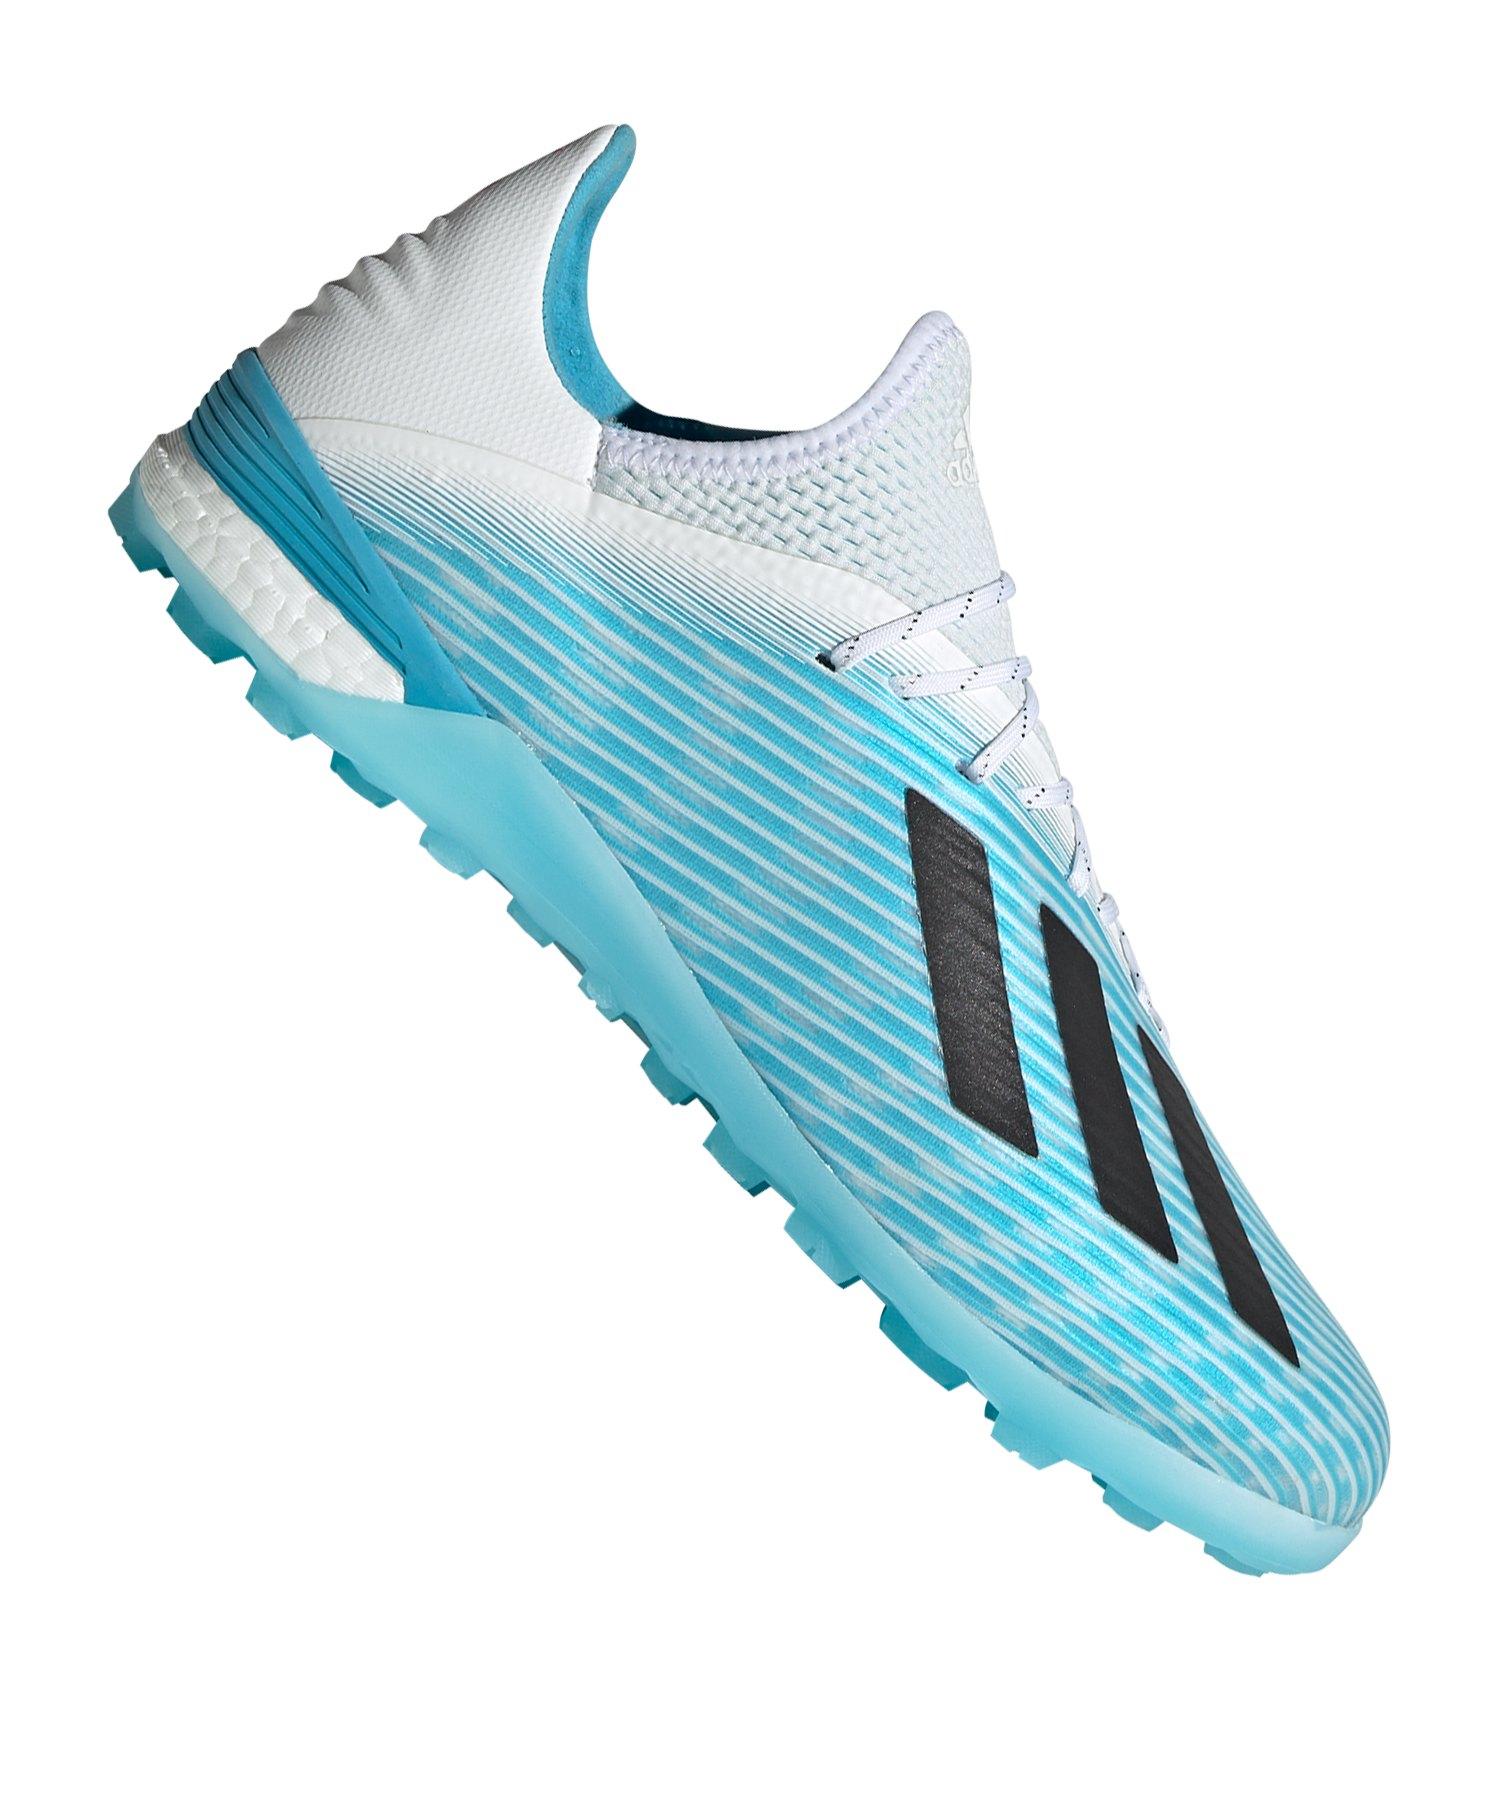 adidas X 19.1 TF Blau Weiss Schwarz - blau